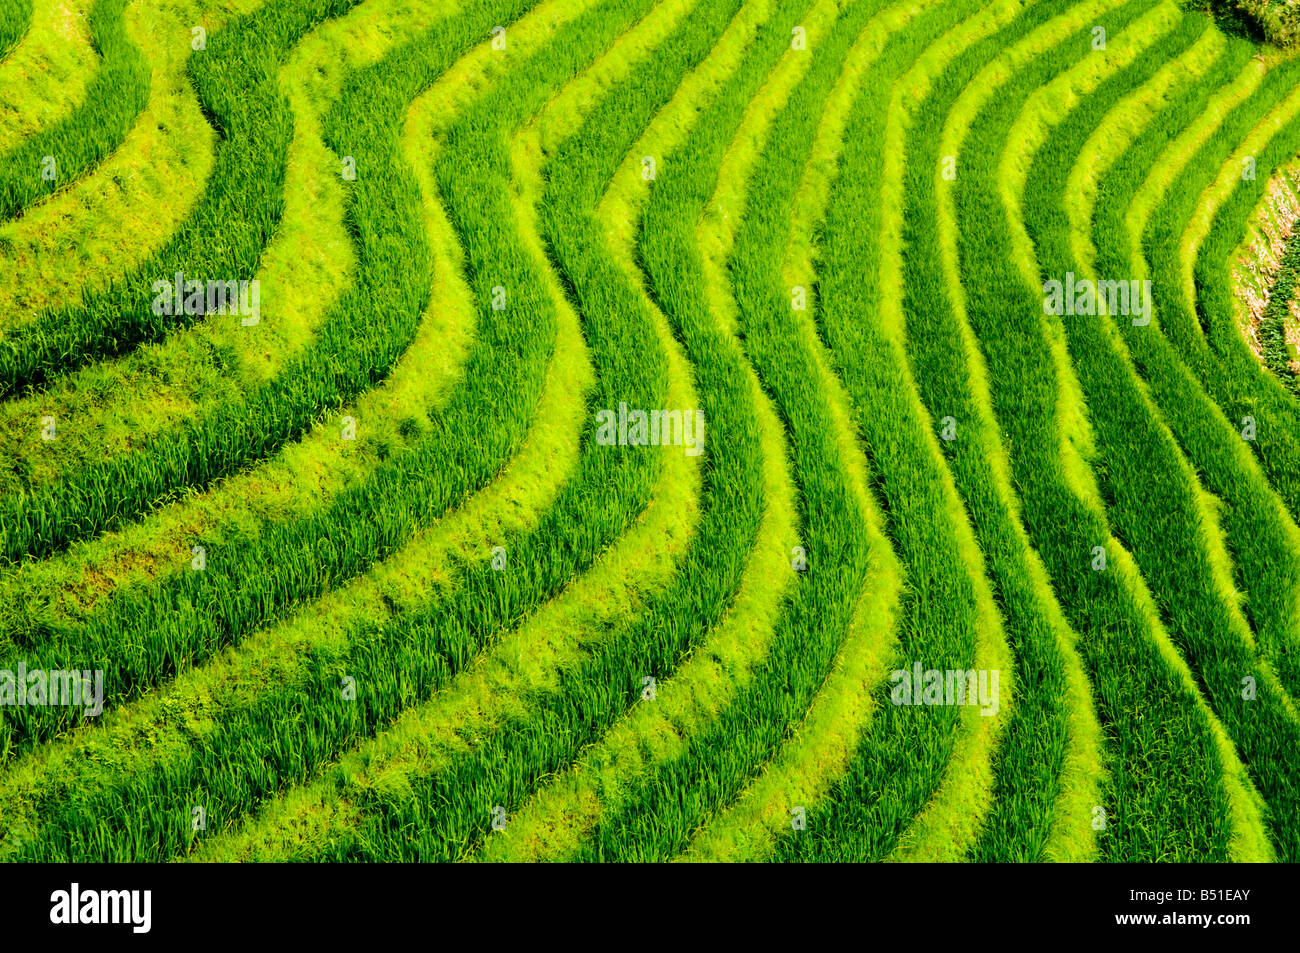 The amazing rice terraces at Long Ji, Guangxi - Stock Image